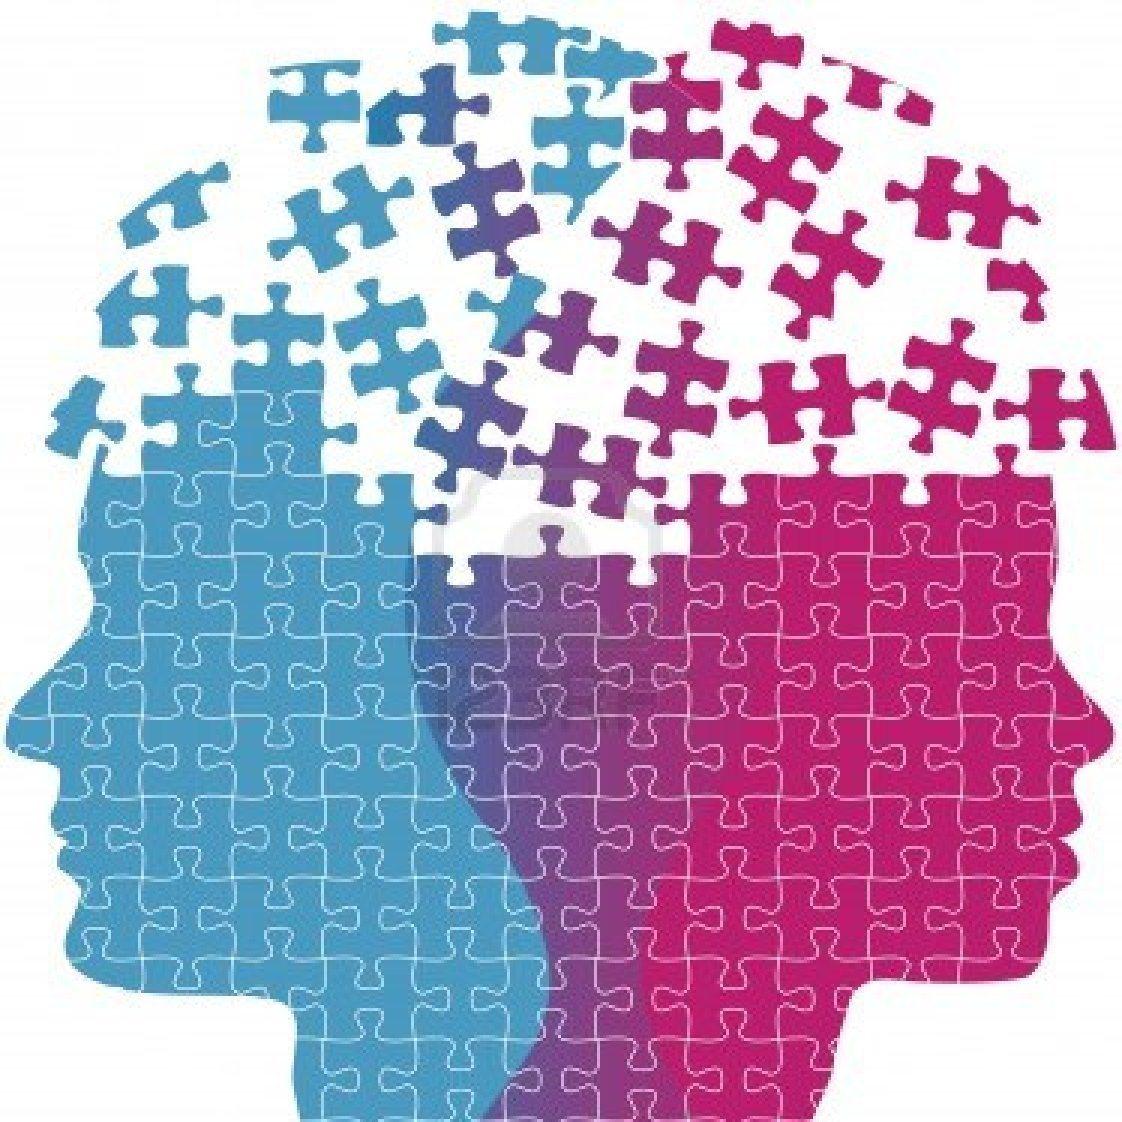 Formation en psychologie : je travaille dans une entreprise